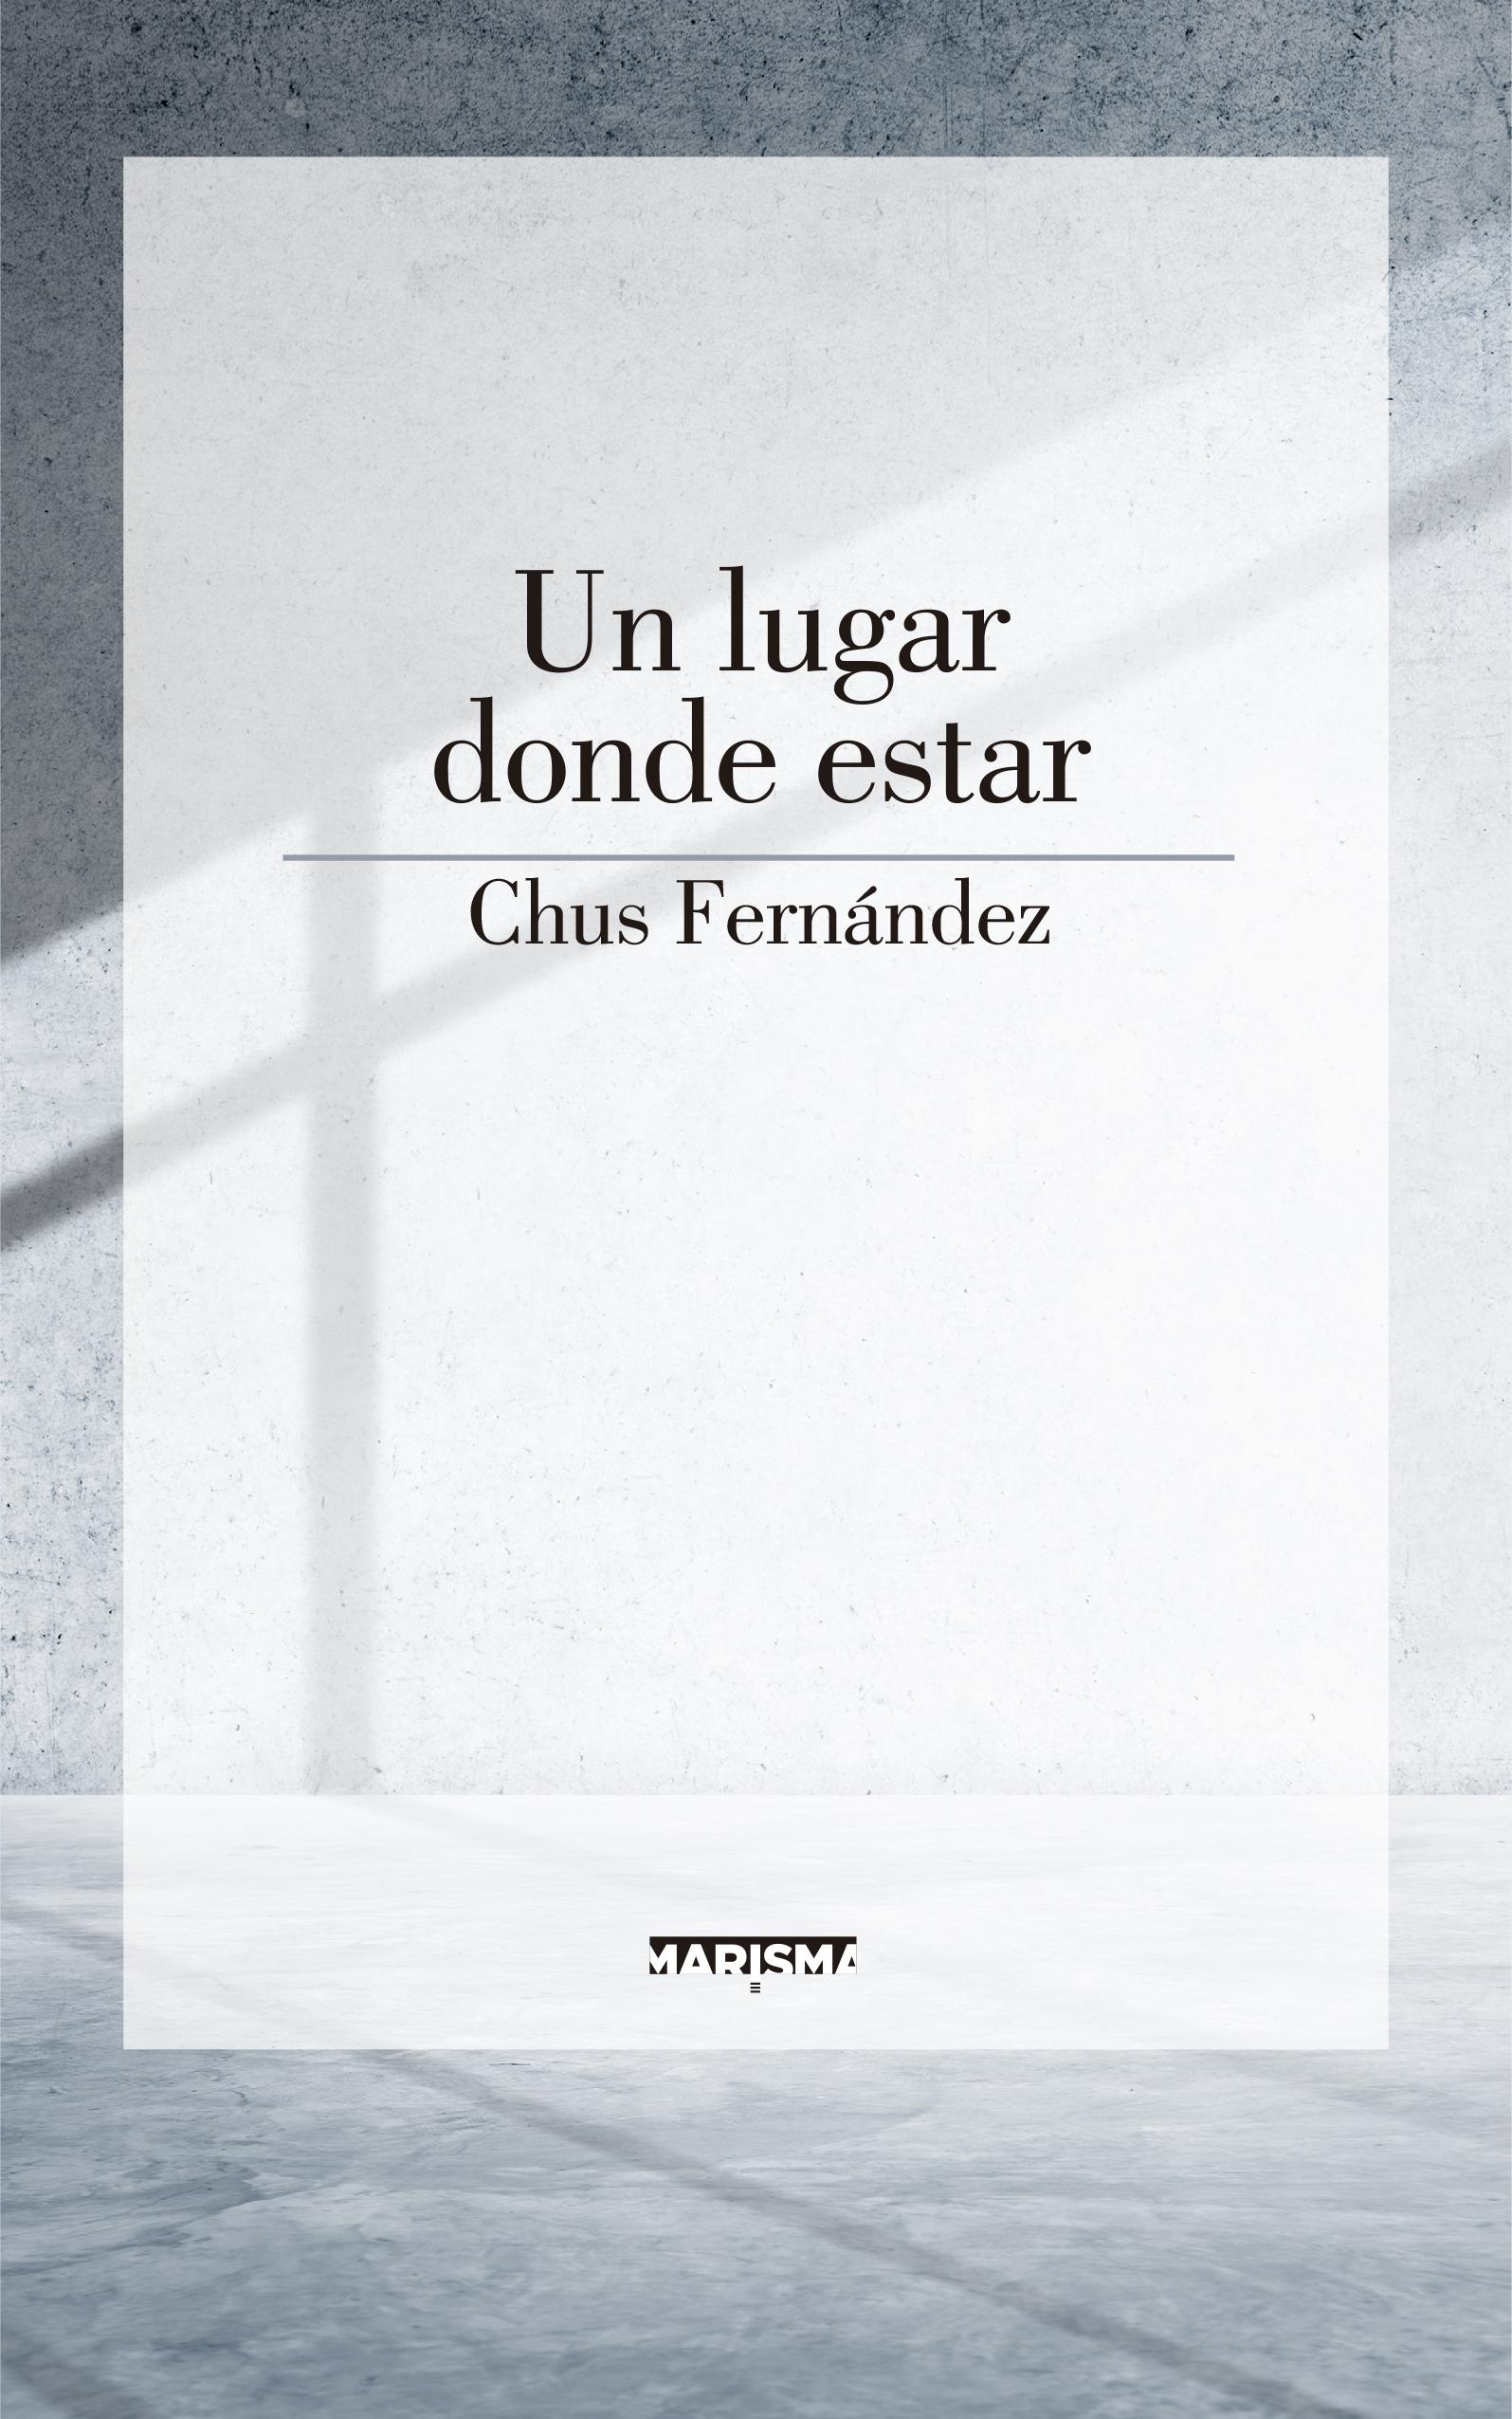 Chus Fernández: Un lugar donde estar